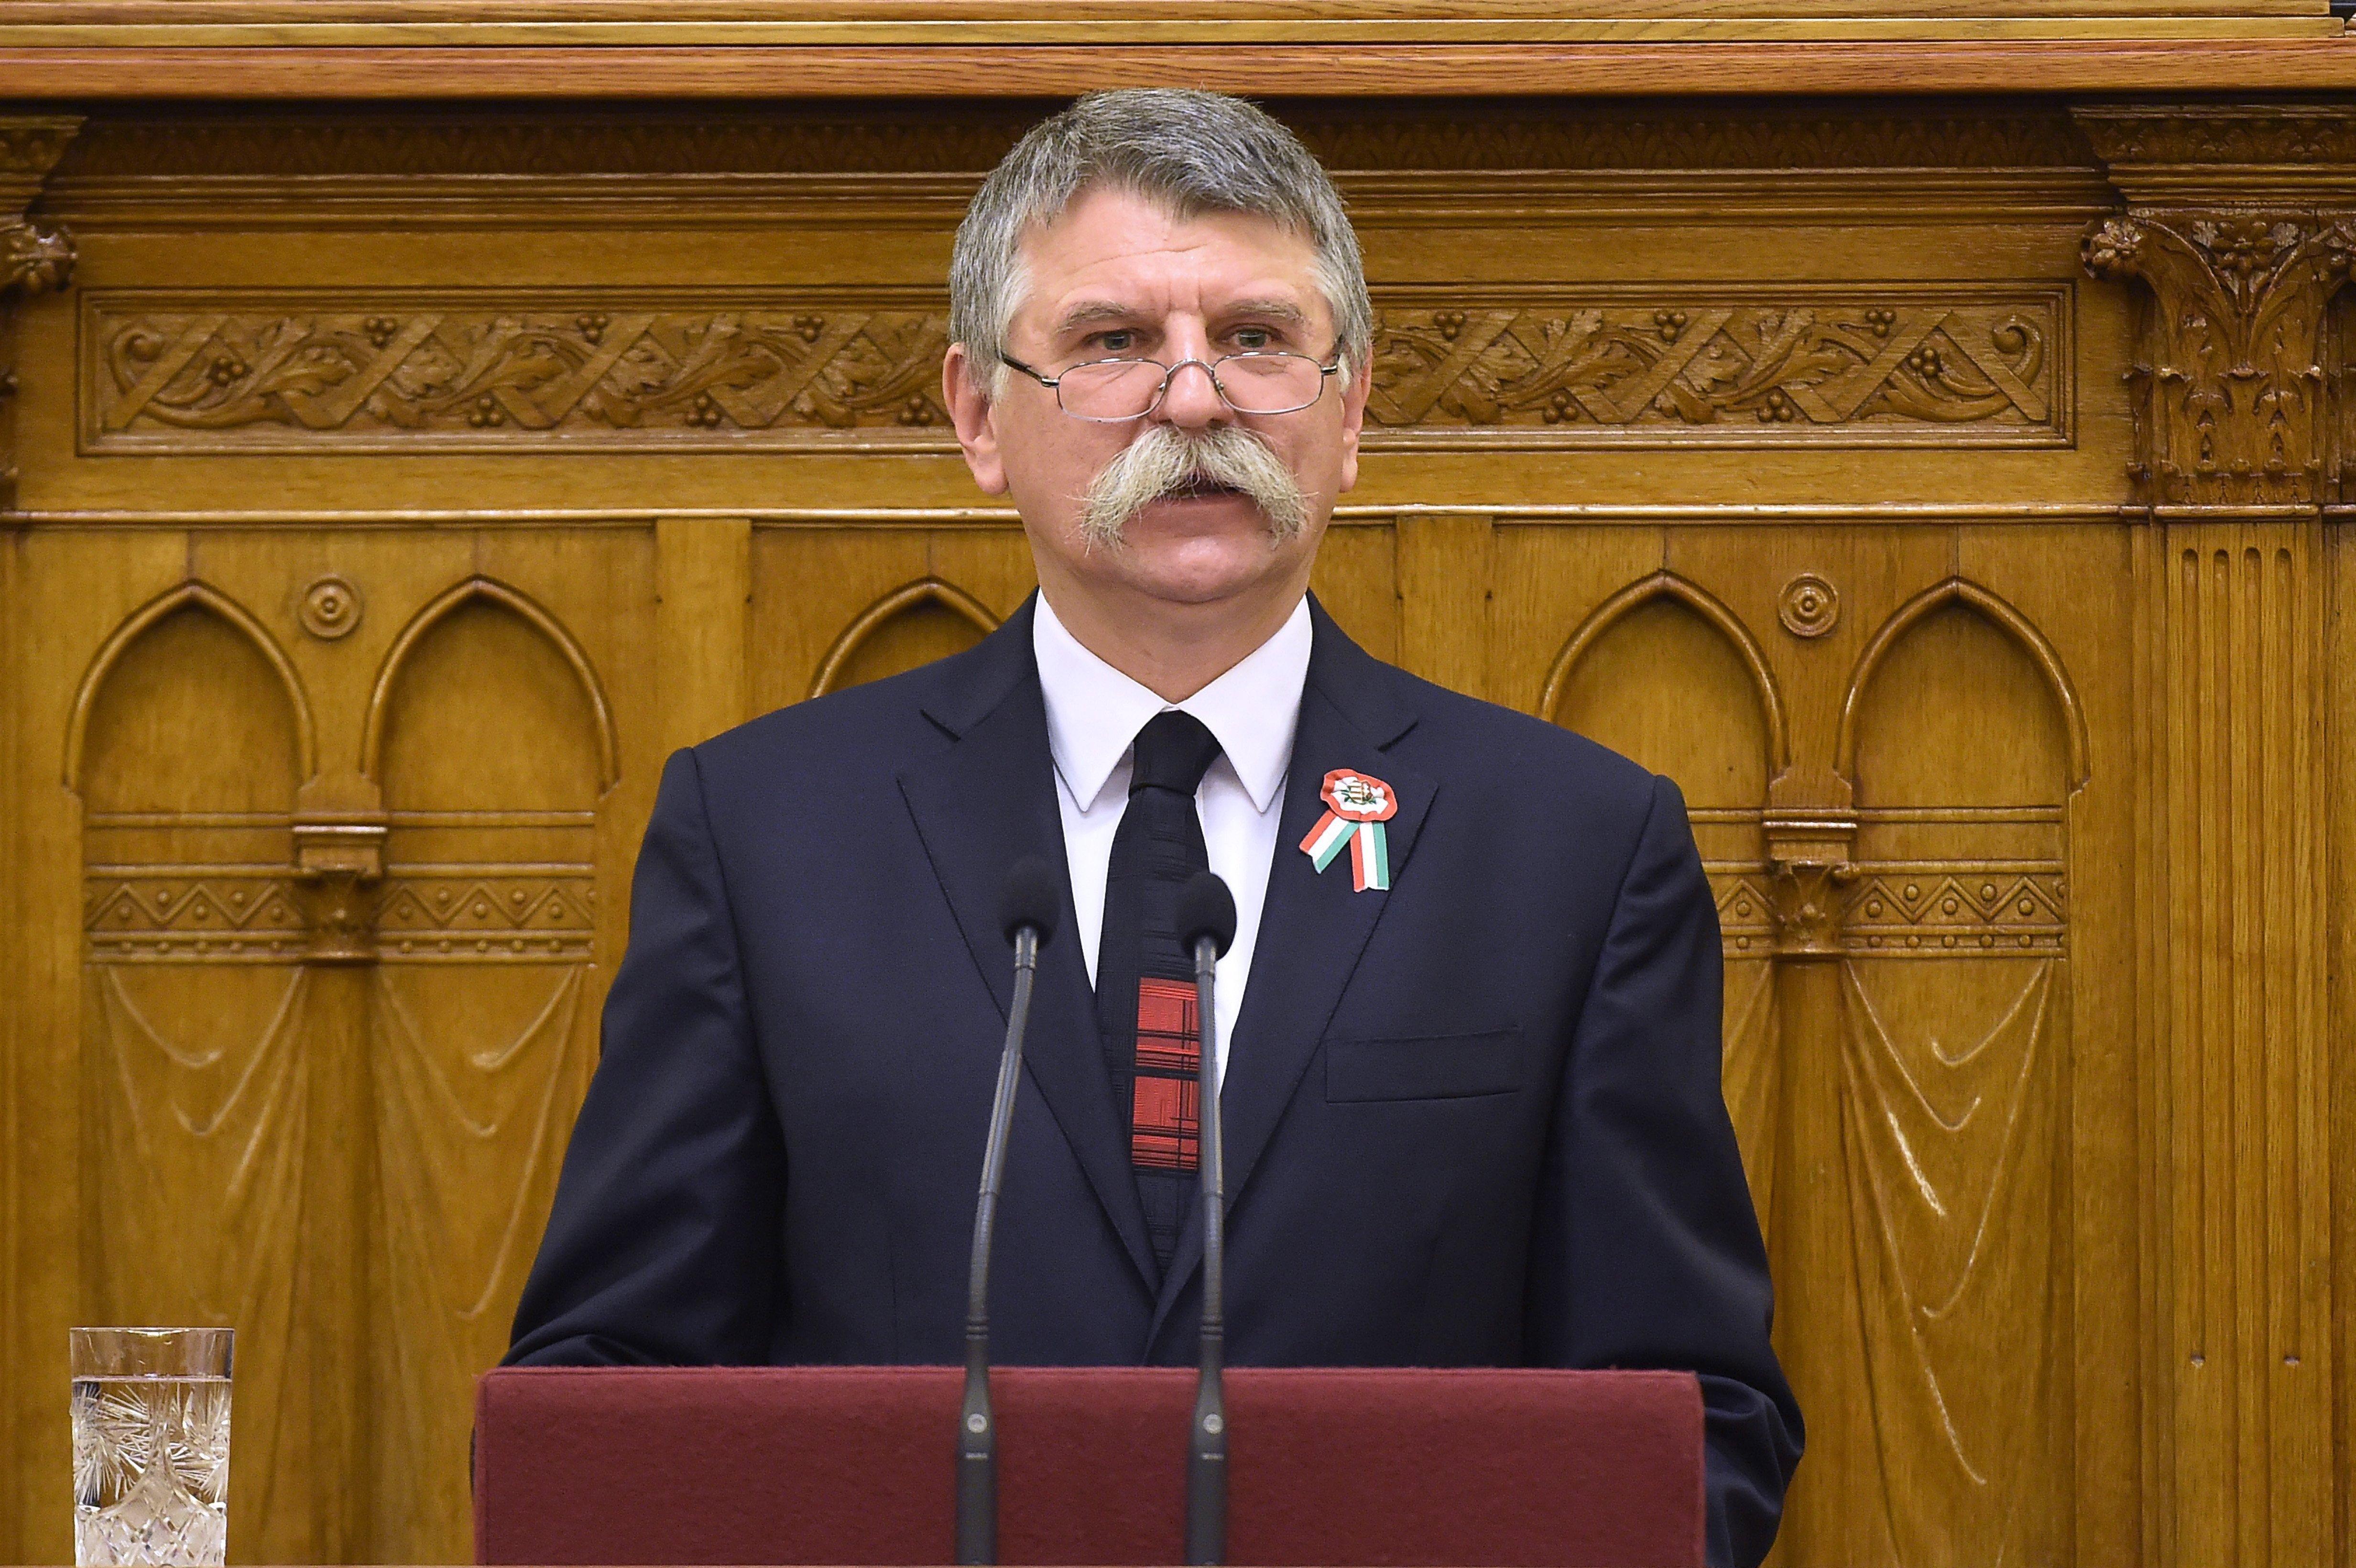 Kövér László megölelte az Index riporterét, mikor a 444 parlamenti kitiltásáról kérdezték